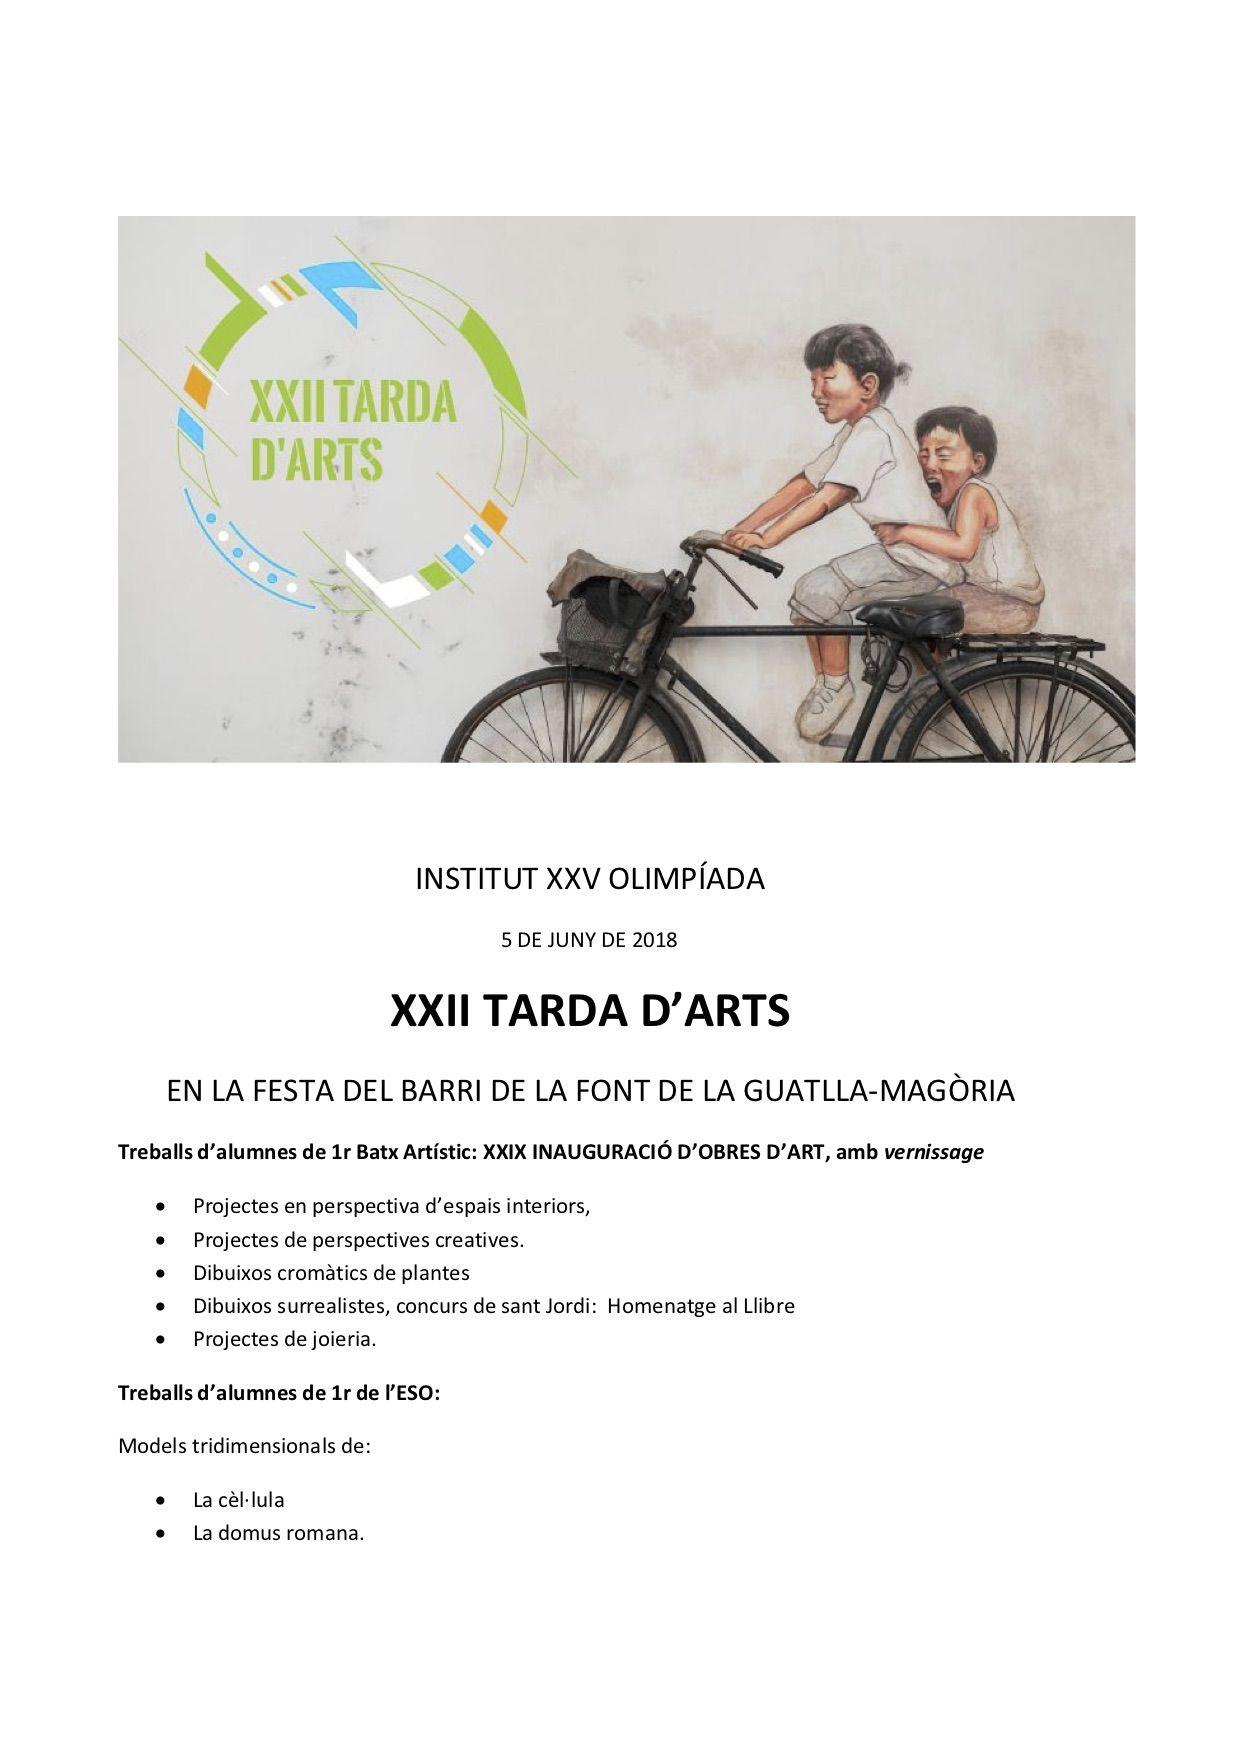 XXII TARDA D'ARTS (1)